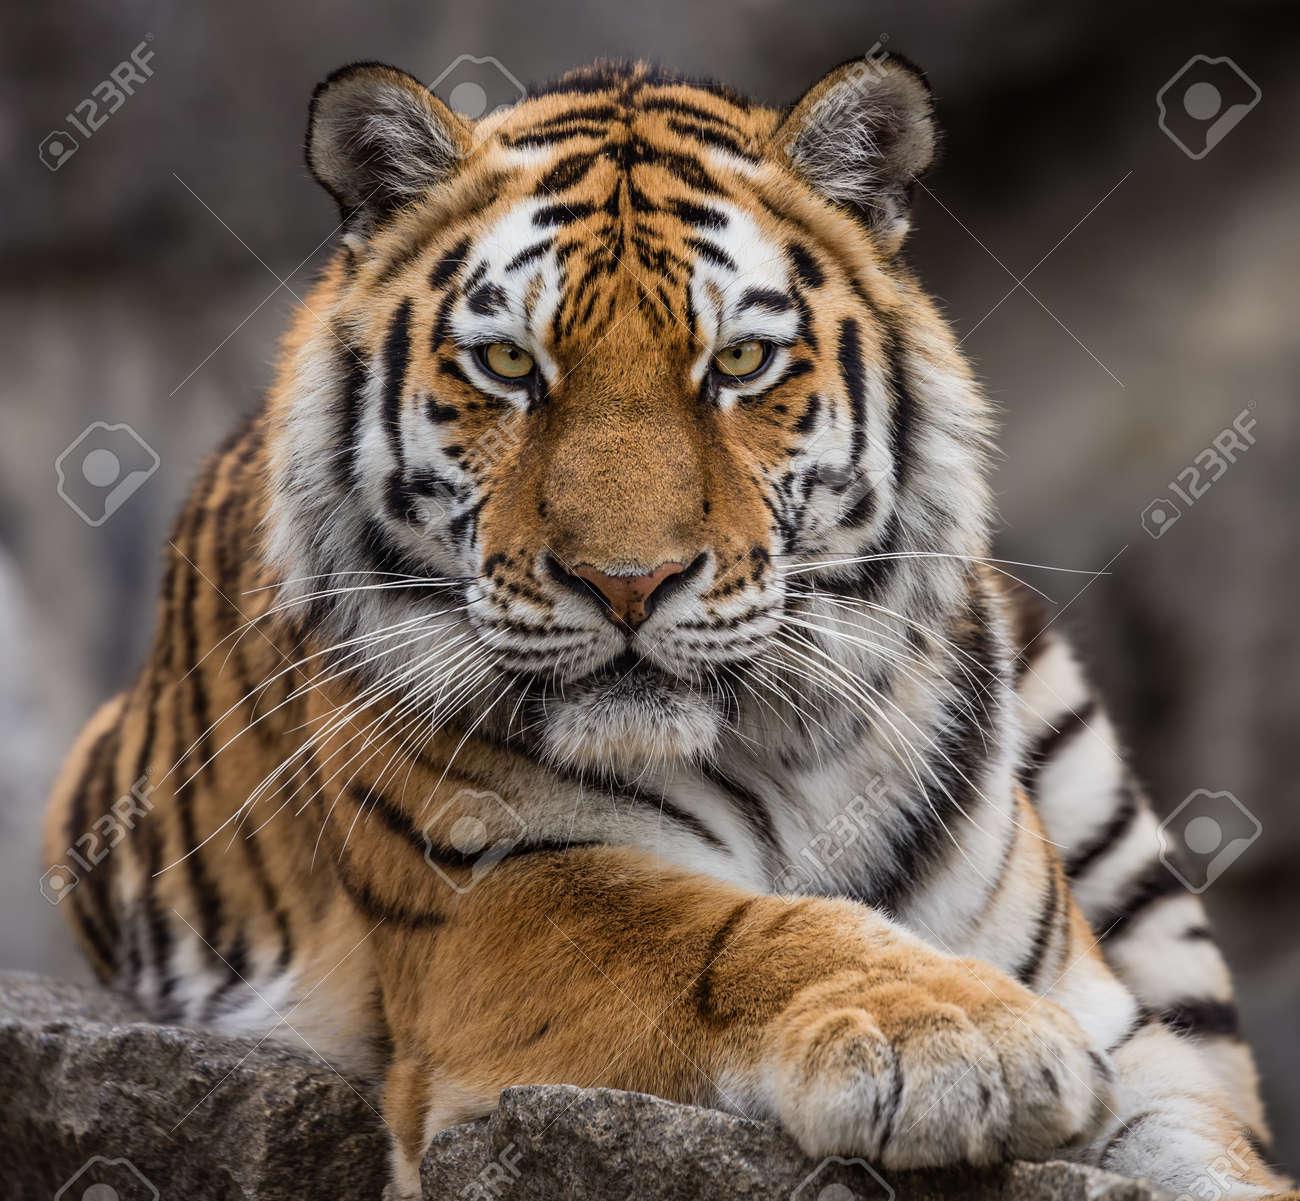 Close up view of a Siberian tiger - Panthera tigris altaica - 60011432